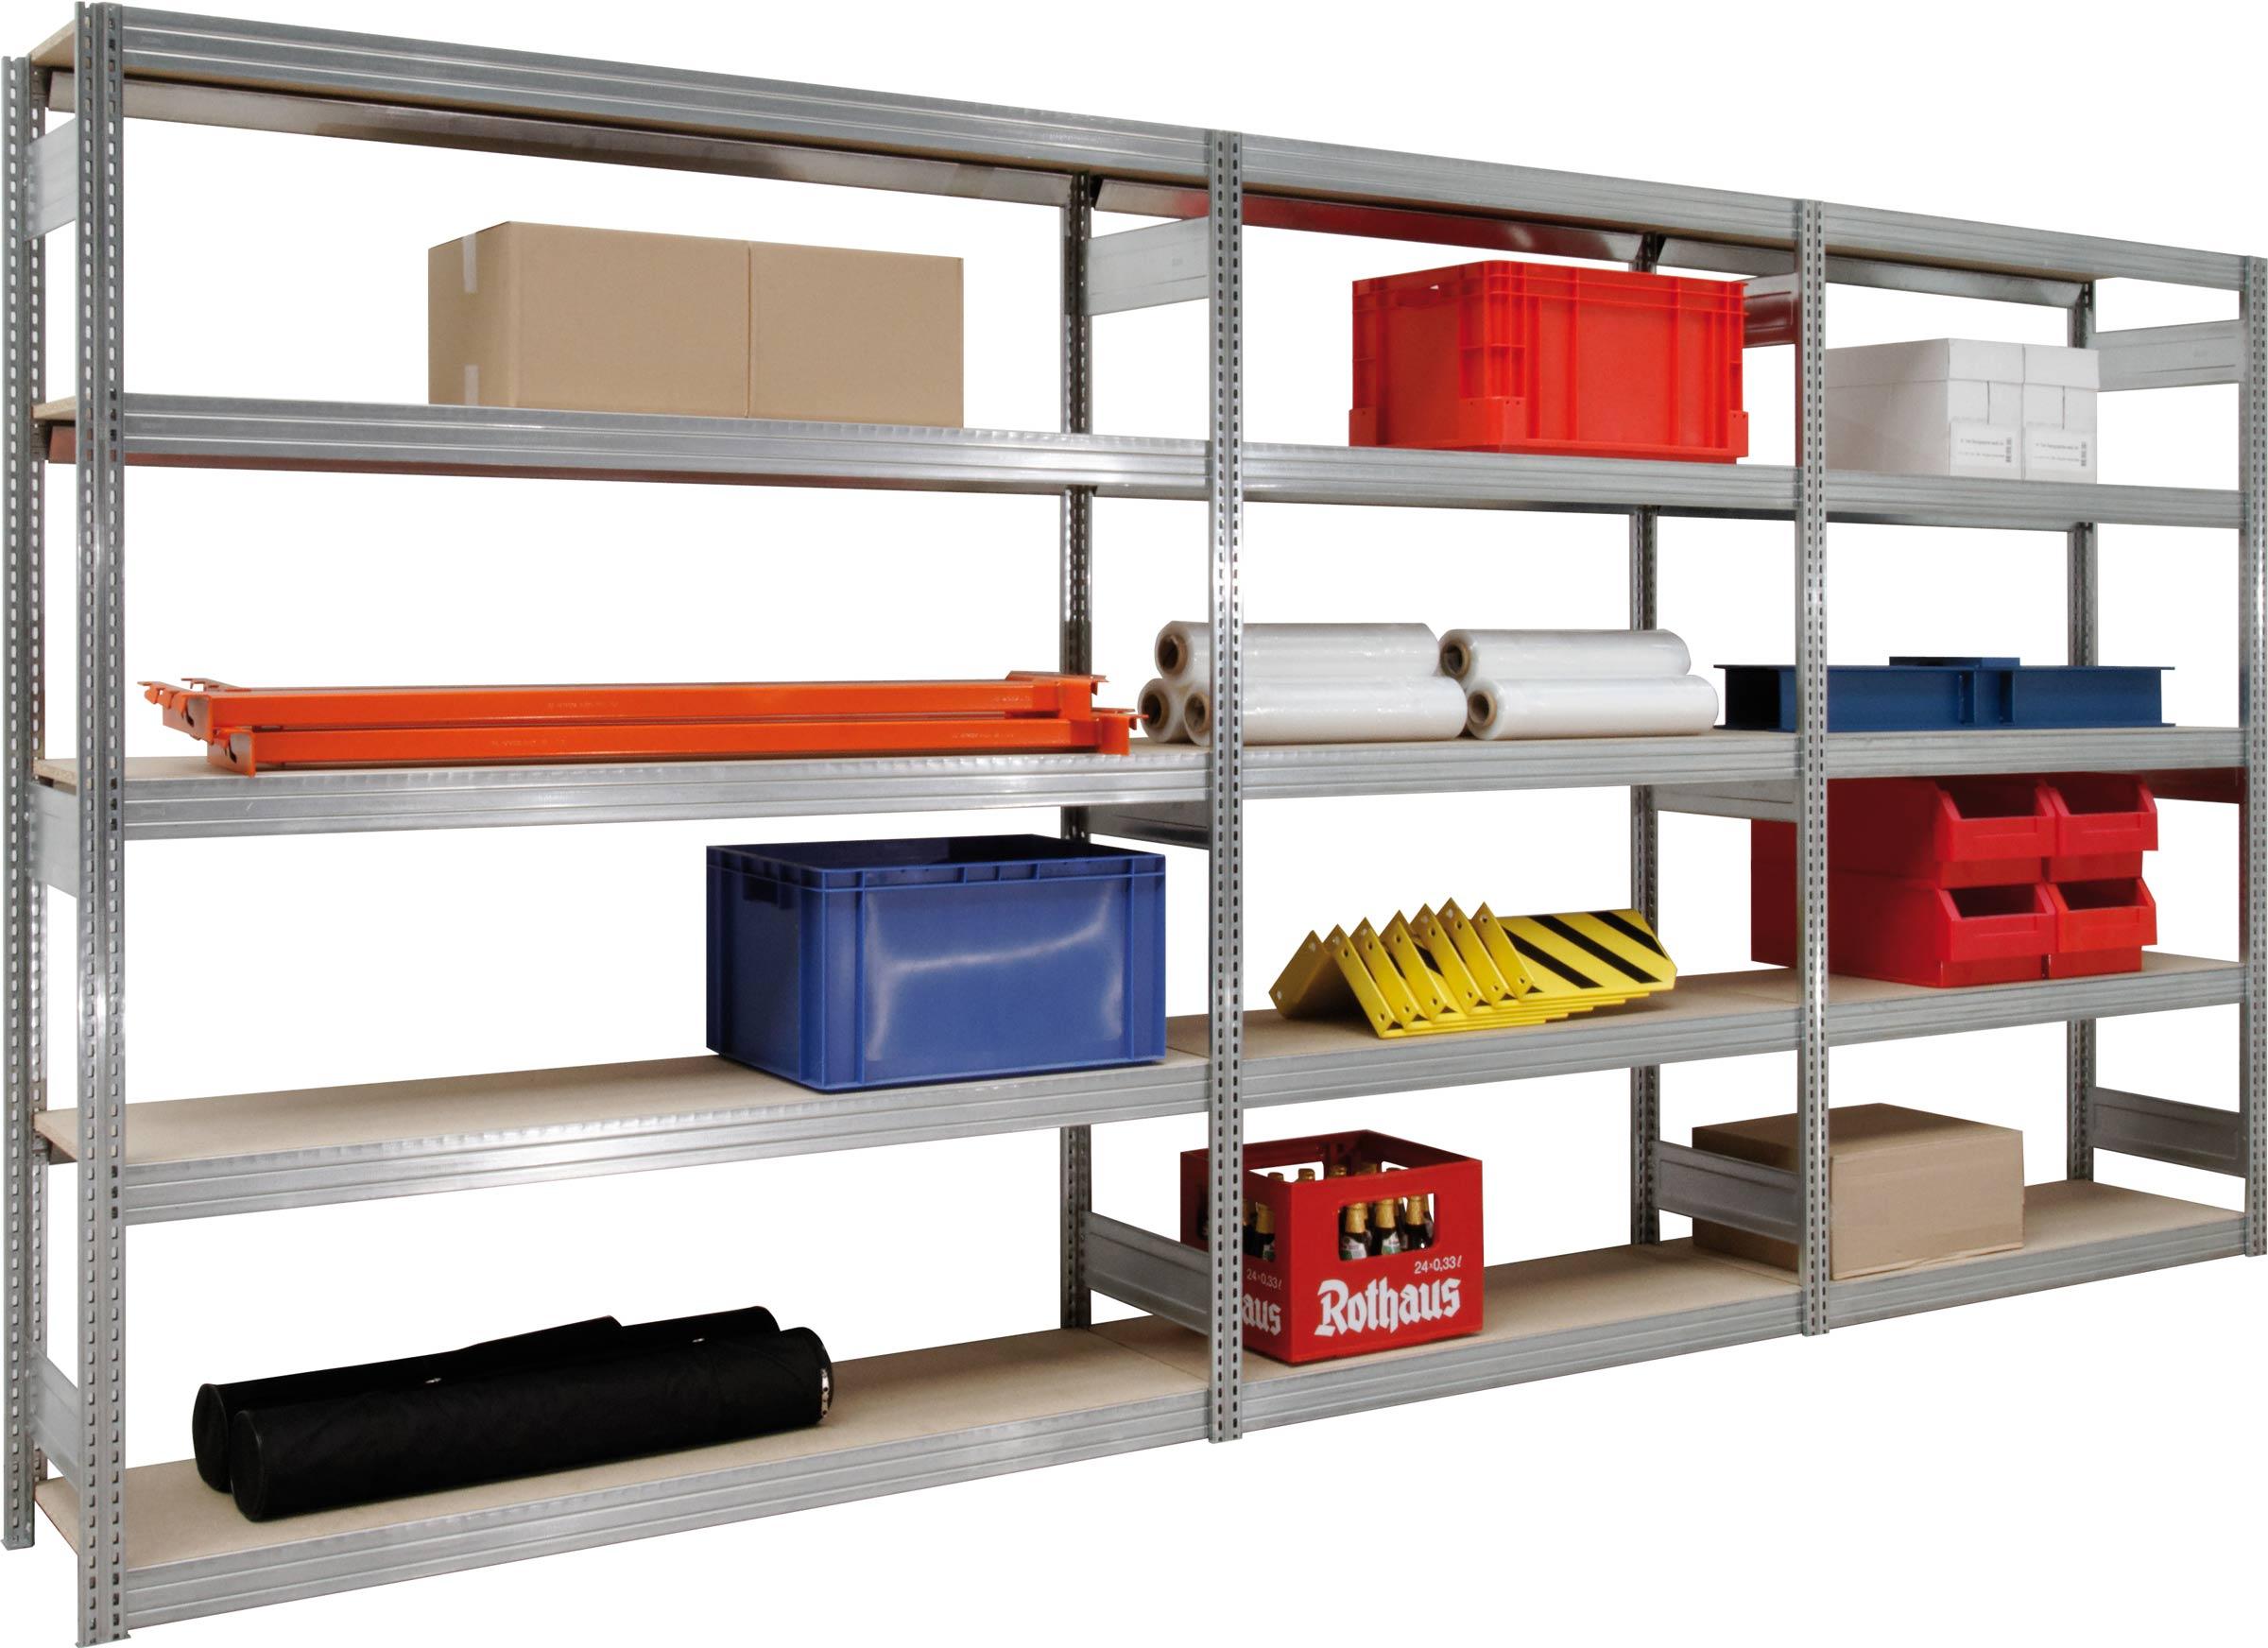 Regalwerk BERT Großfachregal 350 mit Holzeinlage - 5 bis 7 Ebenen (RW-C-B3-60512-30) Bild-01